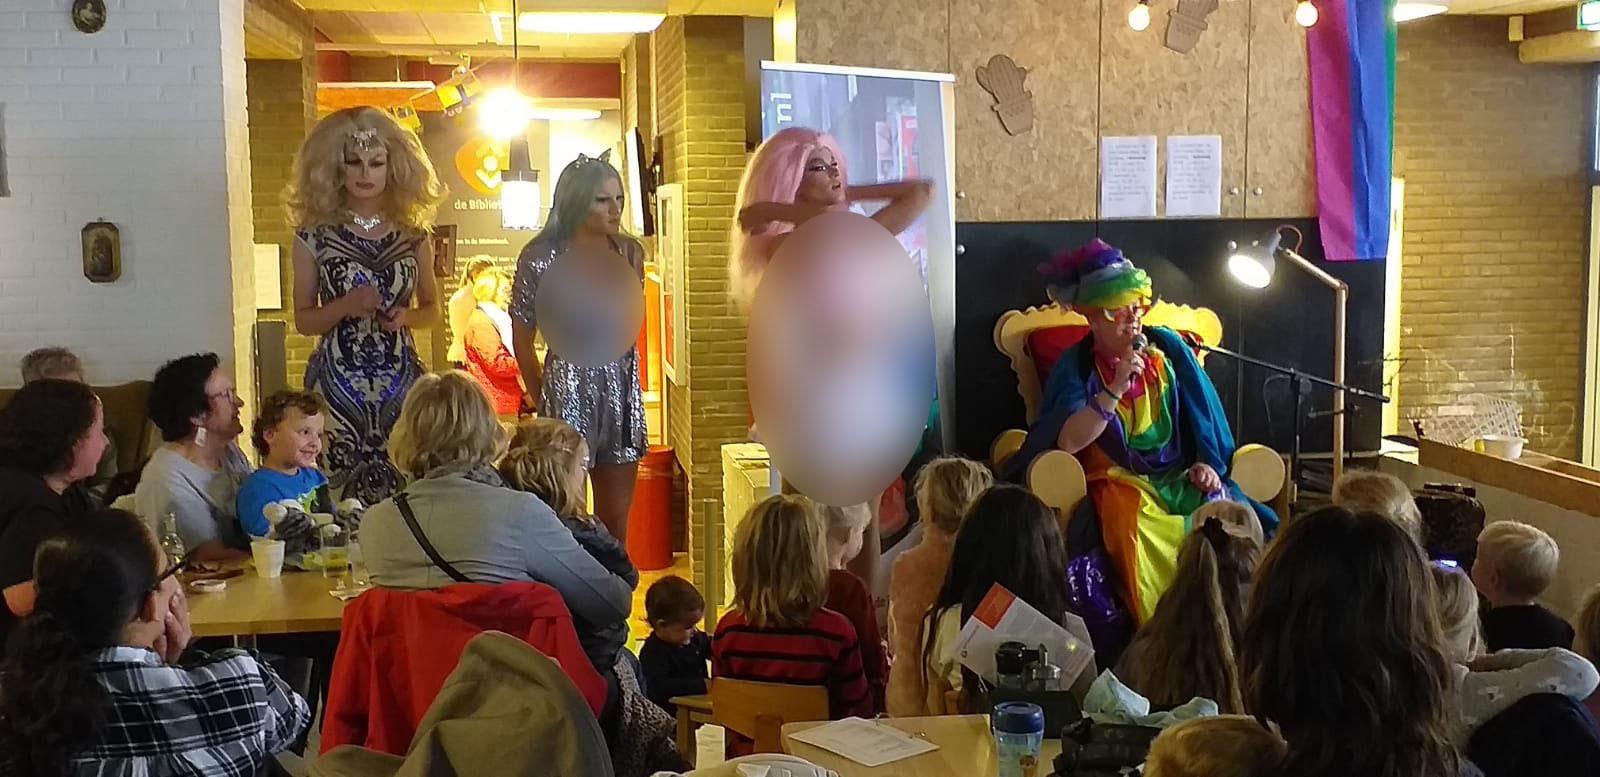 Weerzinwekkend: bibliotheek Enschede stelt kinderen bloot aan travestieten